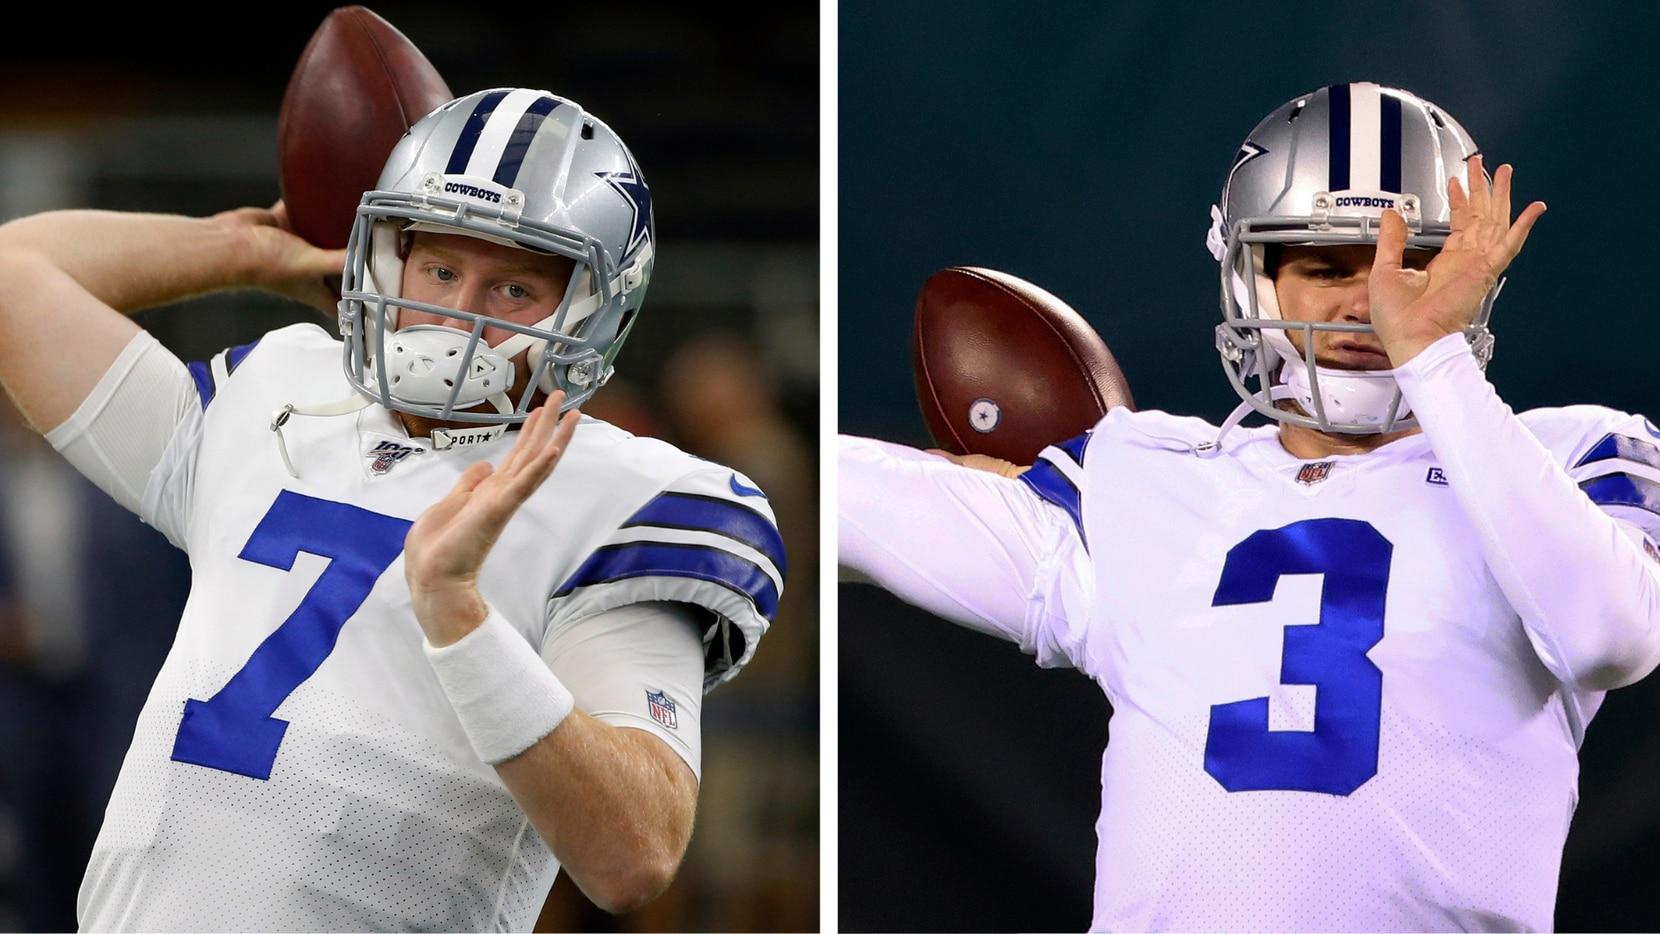 Cooper Rush (izq) y Garrett Gilbert compiten por ser el mariscal abridor de los Dallas Cowboys en el juego contra los Steelers de Pittsburgh.